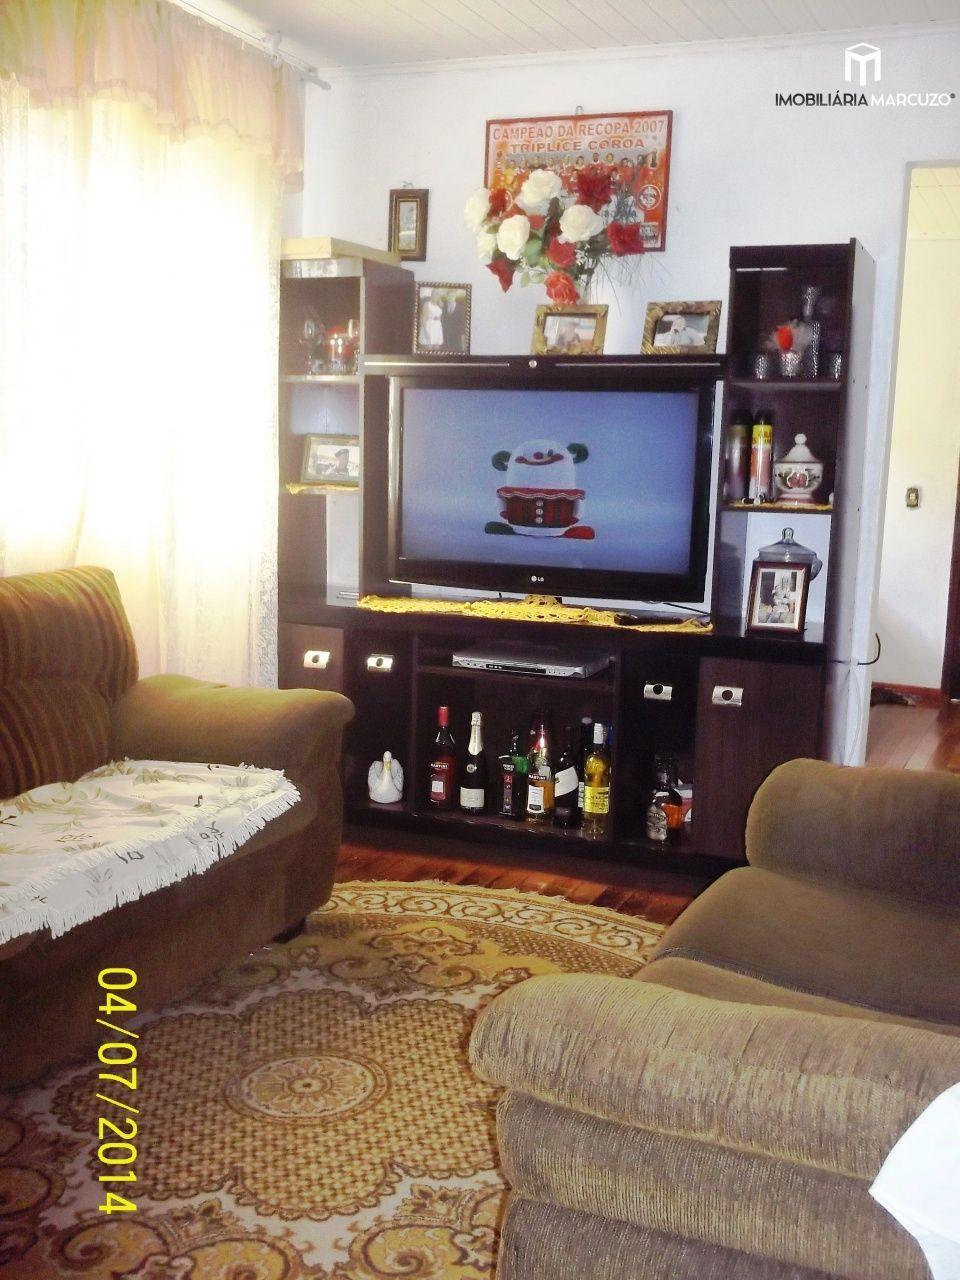 Casa com 2 Dormitórios à venda, 130 m² por R$ 230.000,00